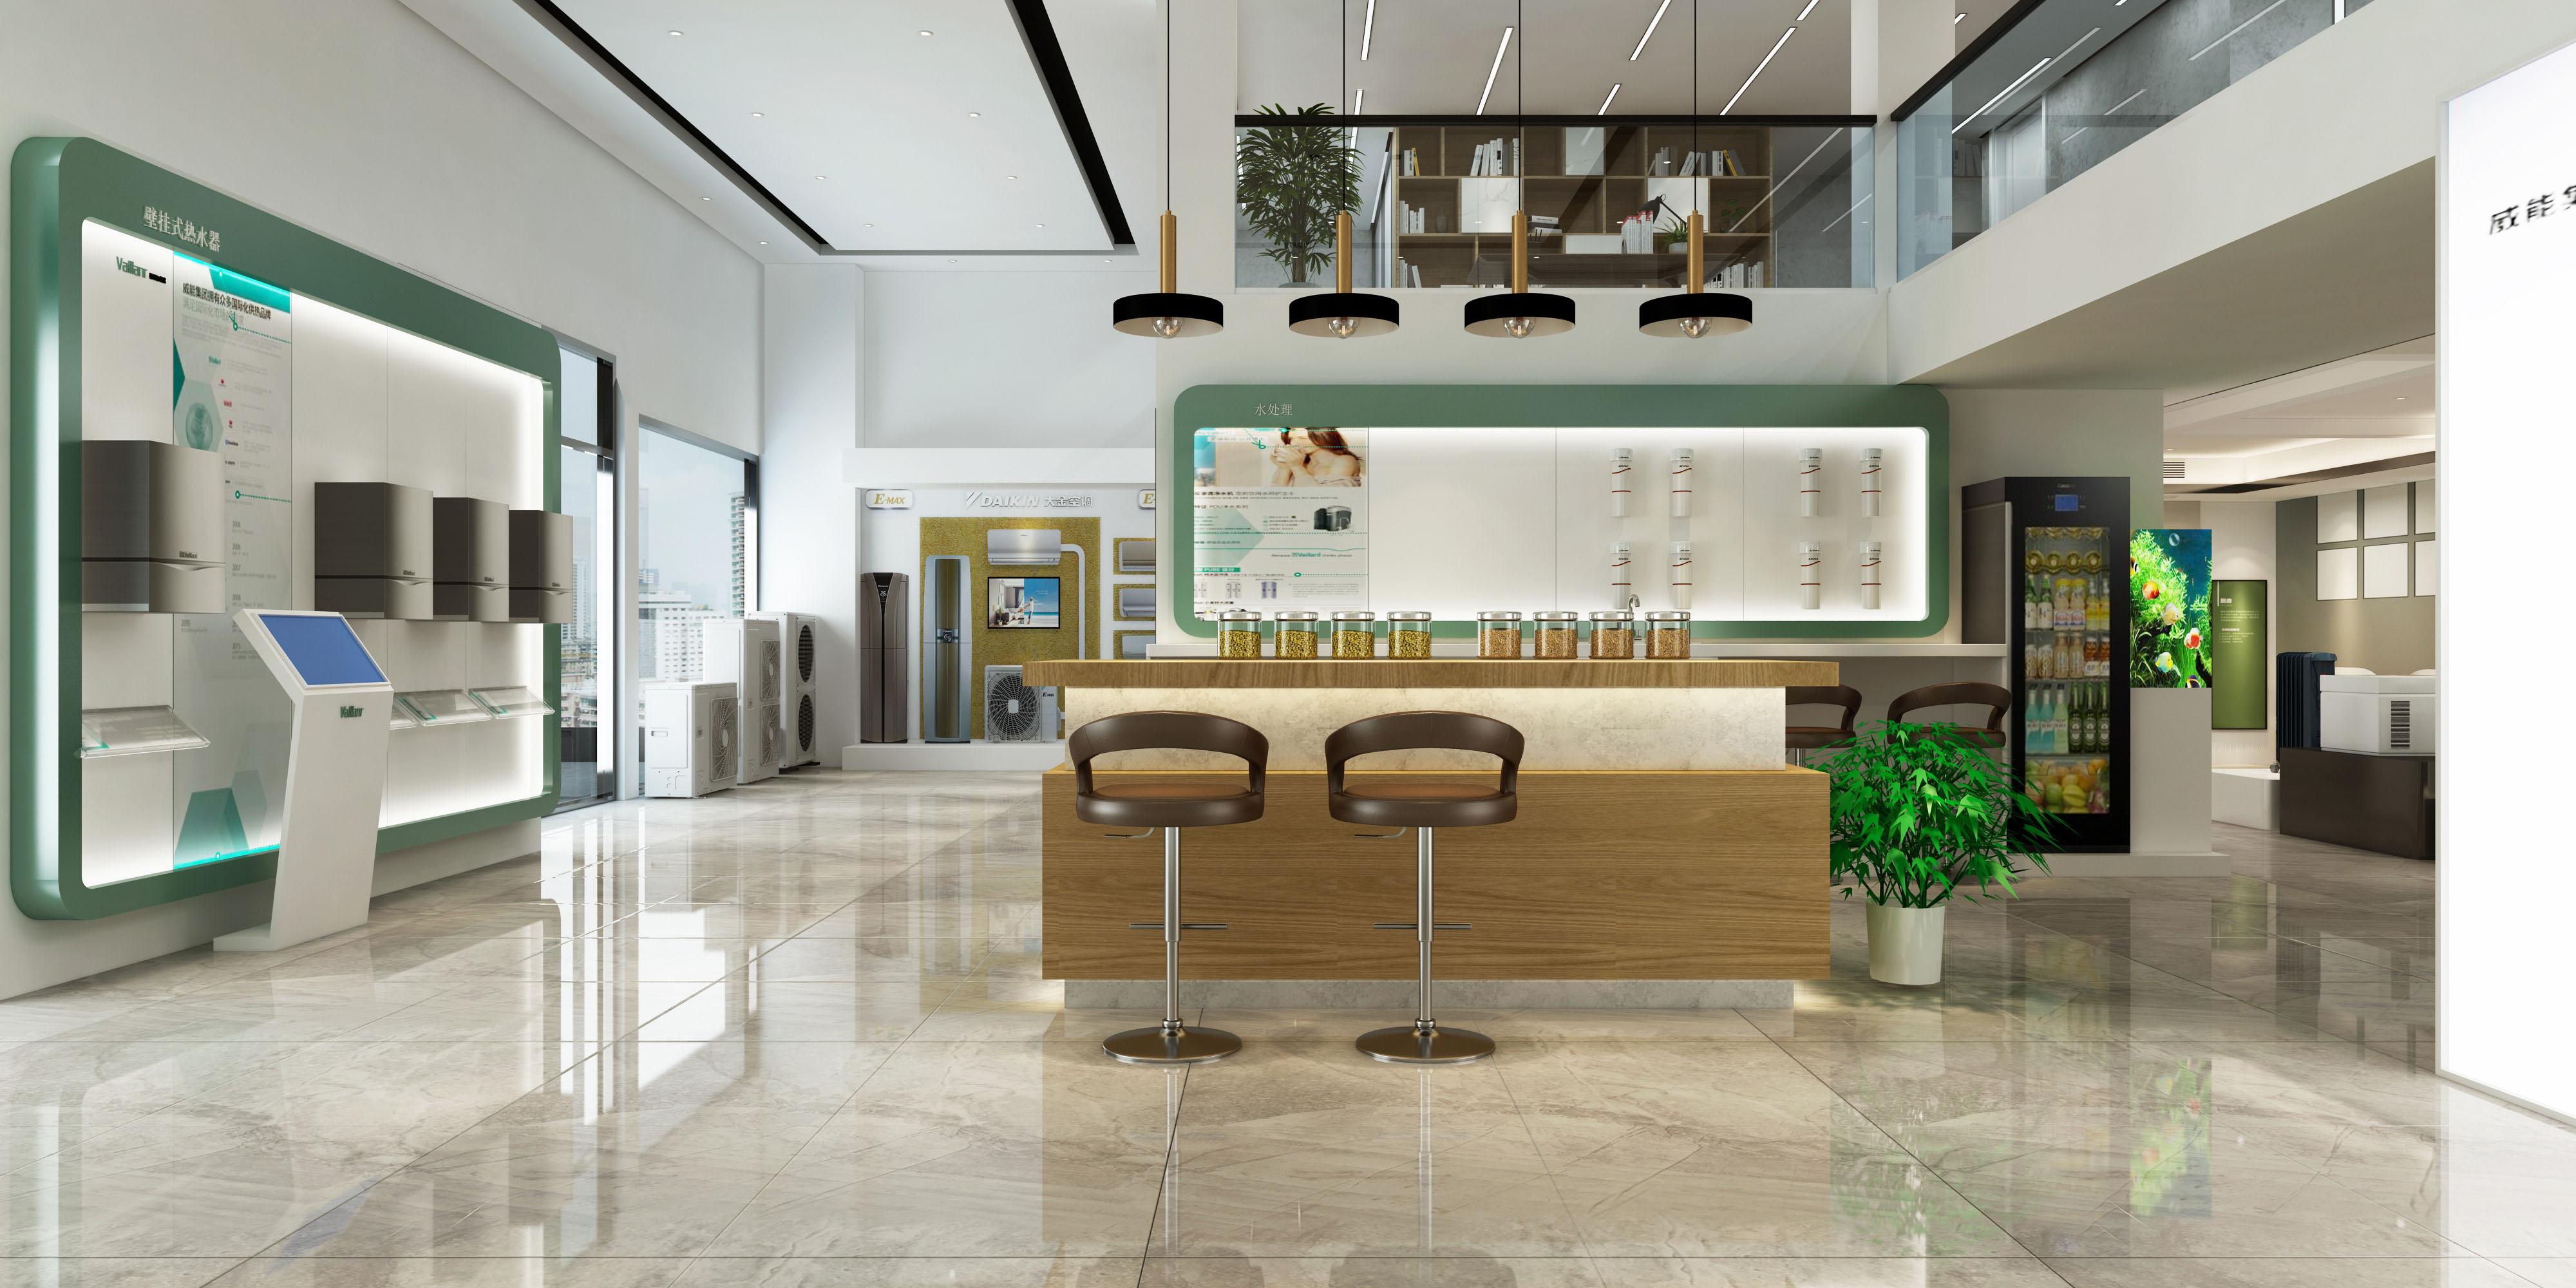 工装 展厅 装饰 其他图片来自夏空间营造在夏•空间营造   荆州大金展厅的分享